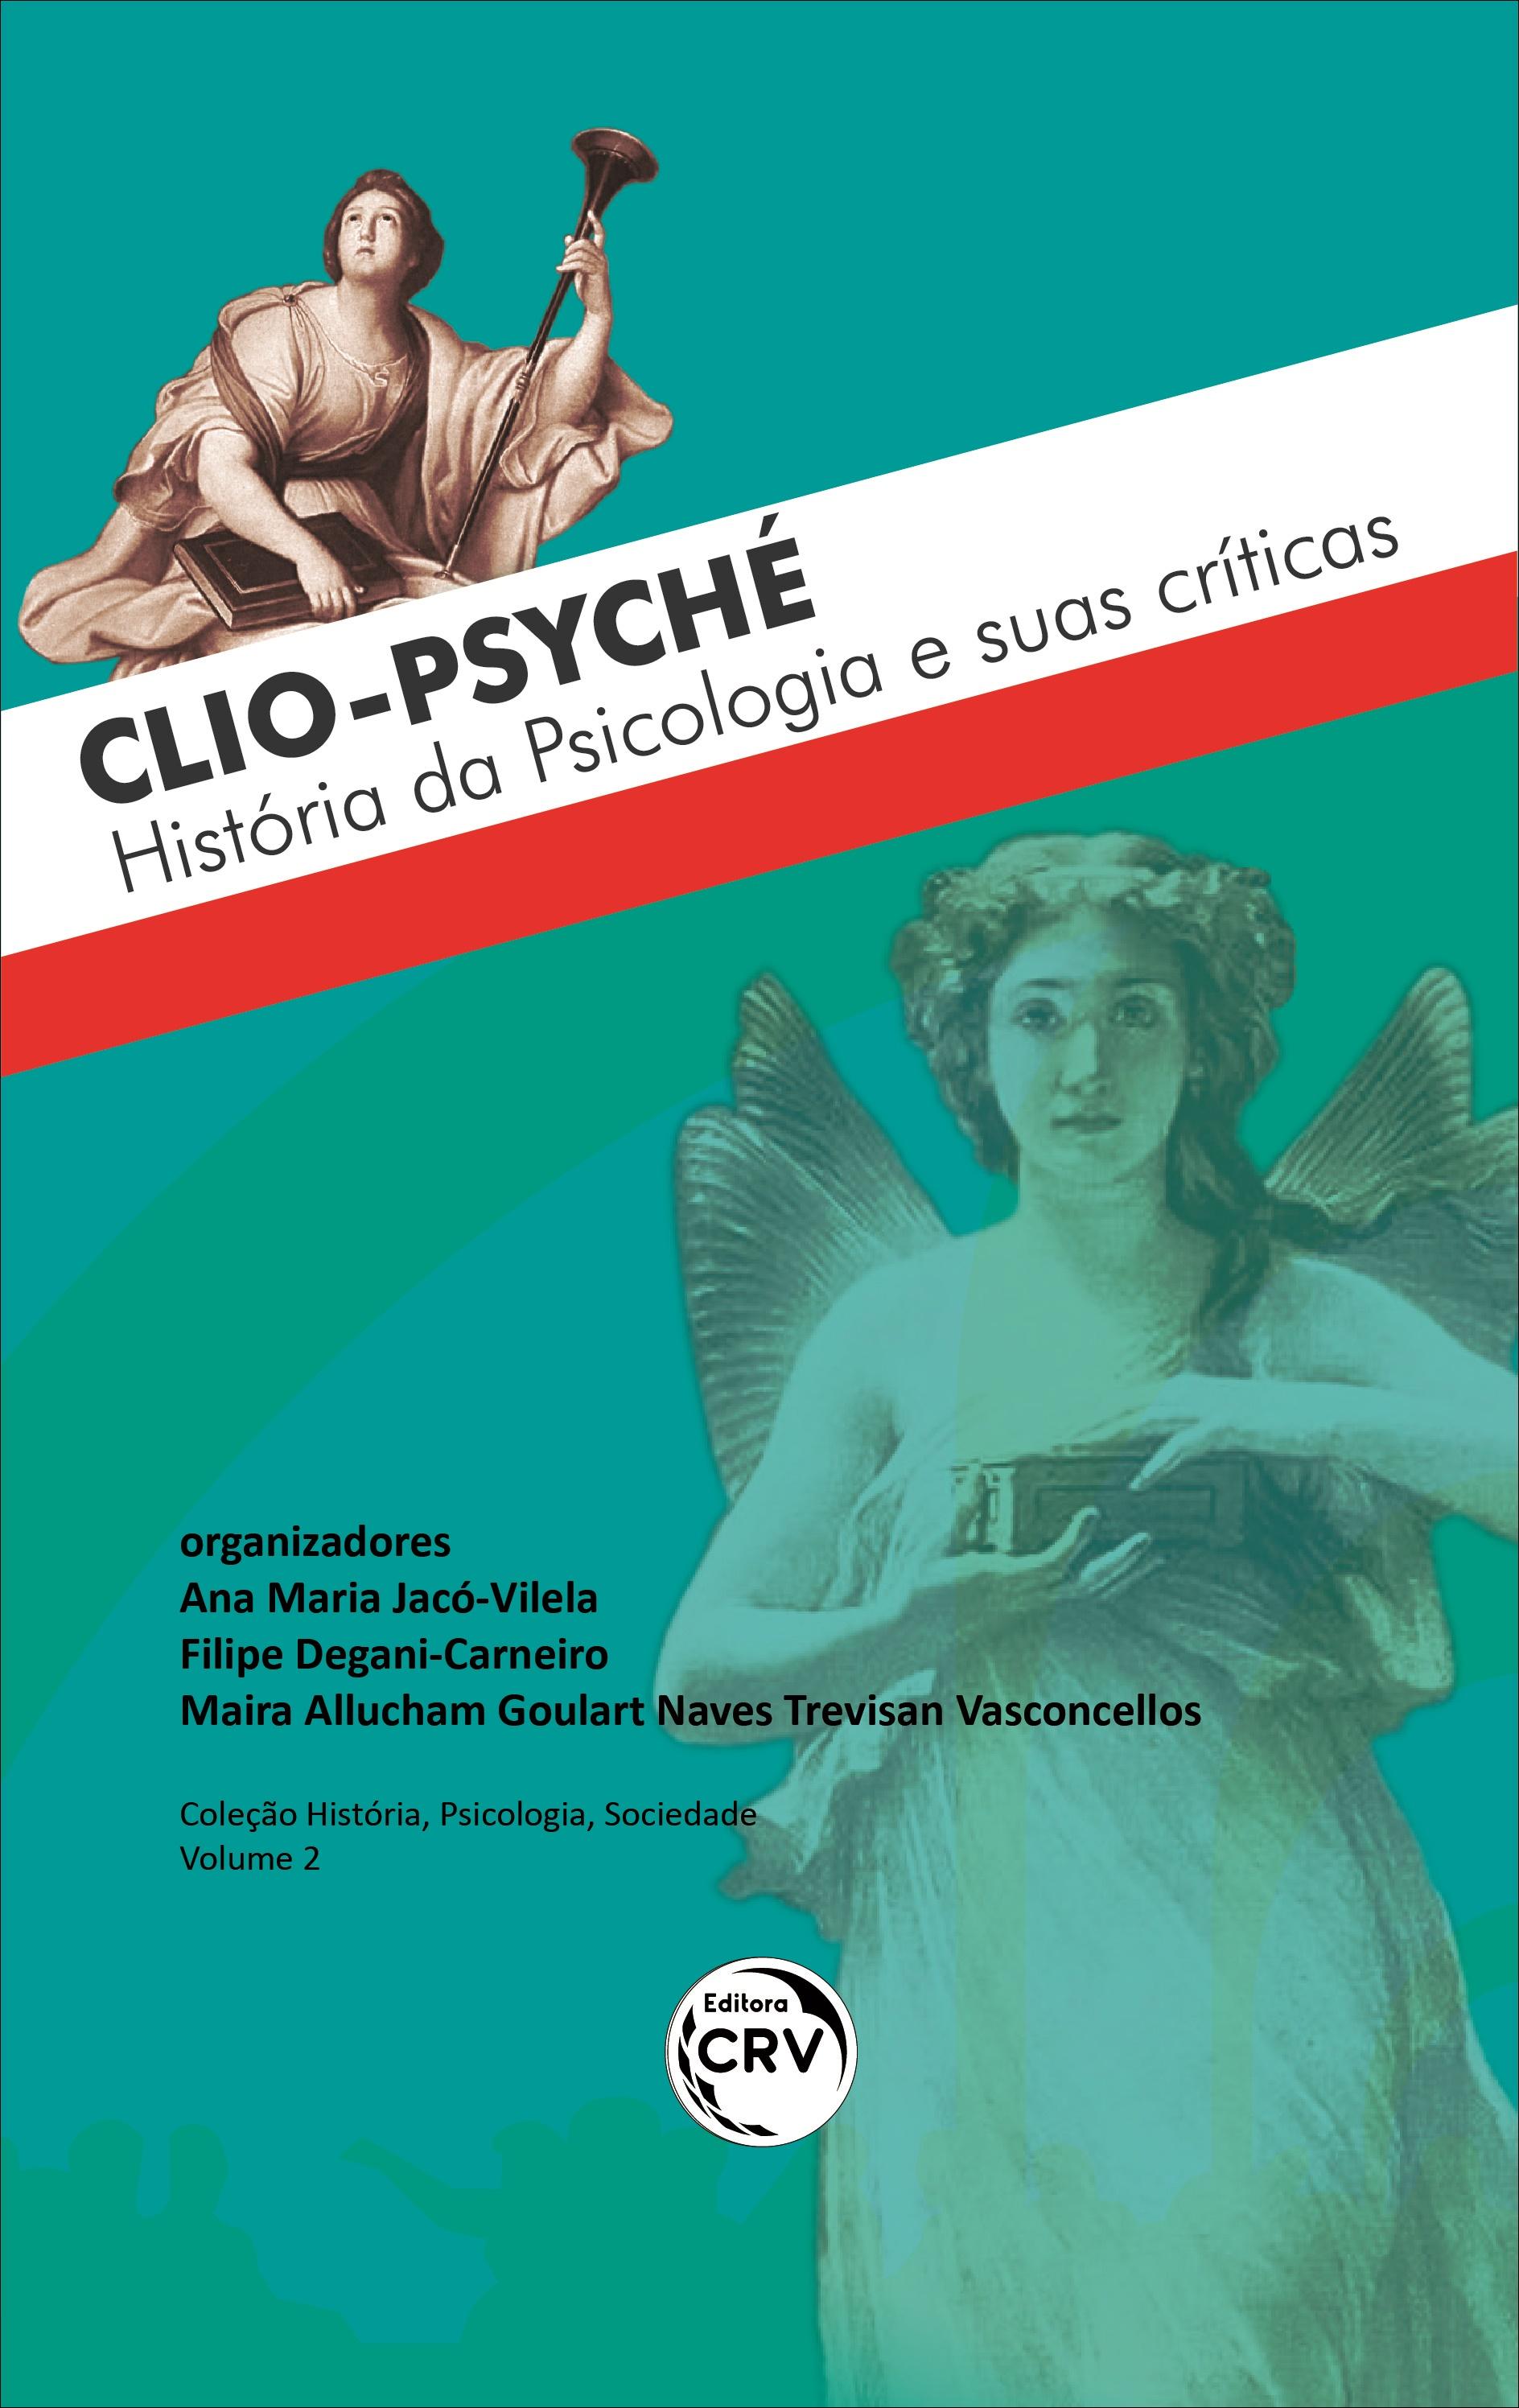 Capa do livro: CLIO-PSYCHÉ – HISTÓRIA DA PSICOLOGIA E SUAS CRÍTICAS<br> <br> Coleção: História, Psicologia, Sociedade - Volume 2